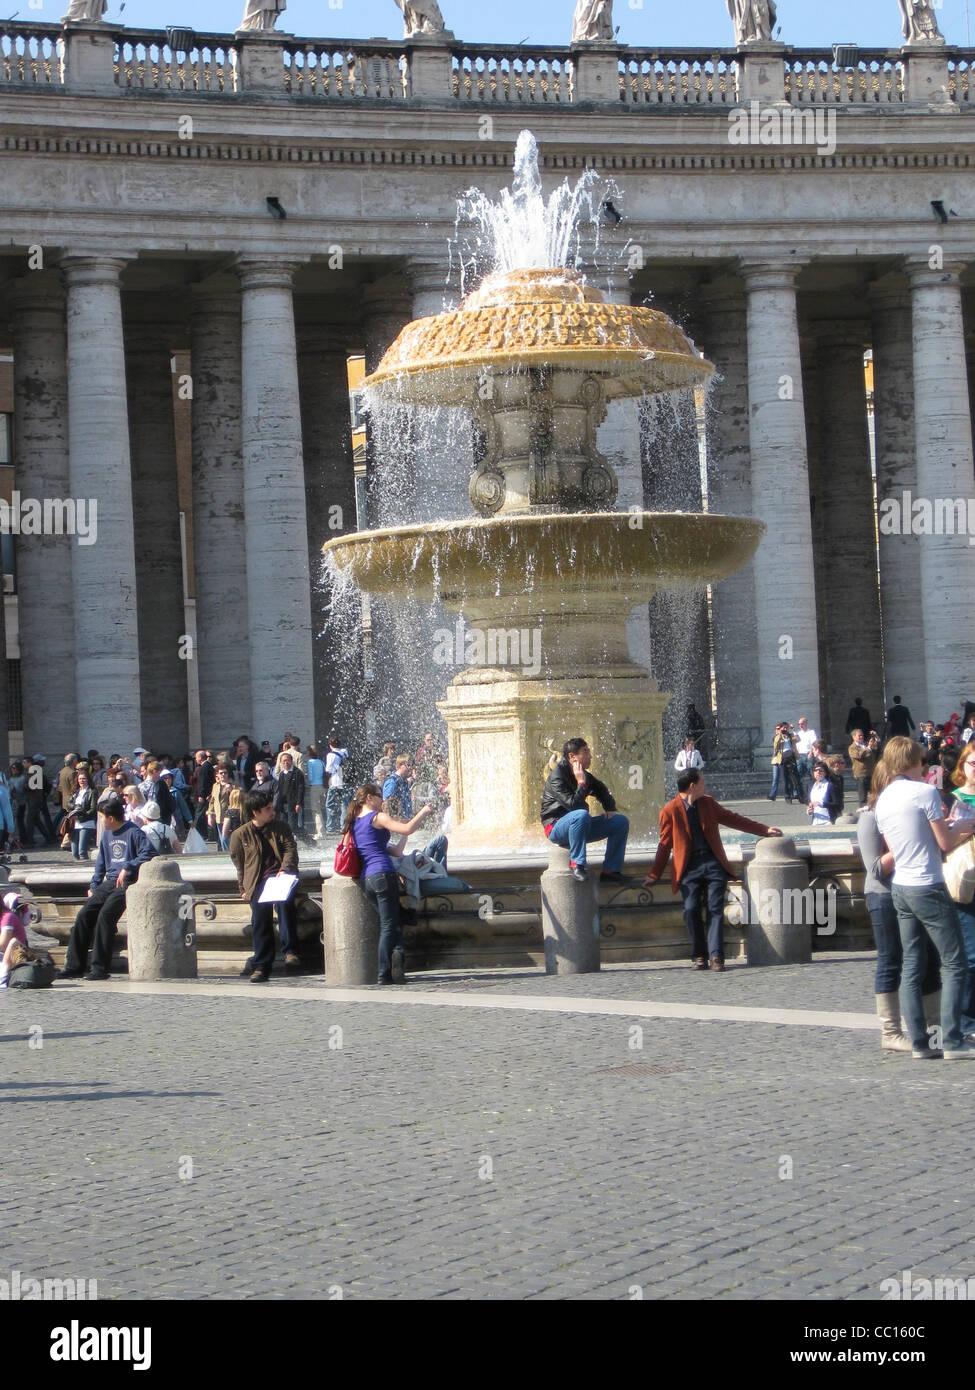 Bernini fountain in the square - Stock Image